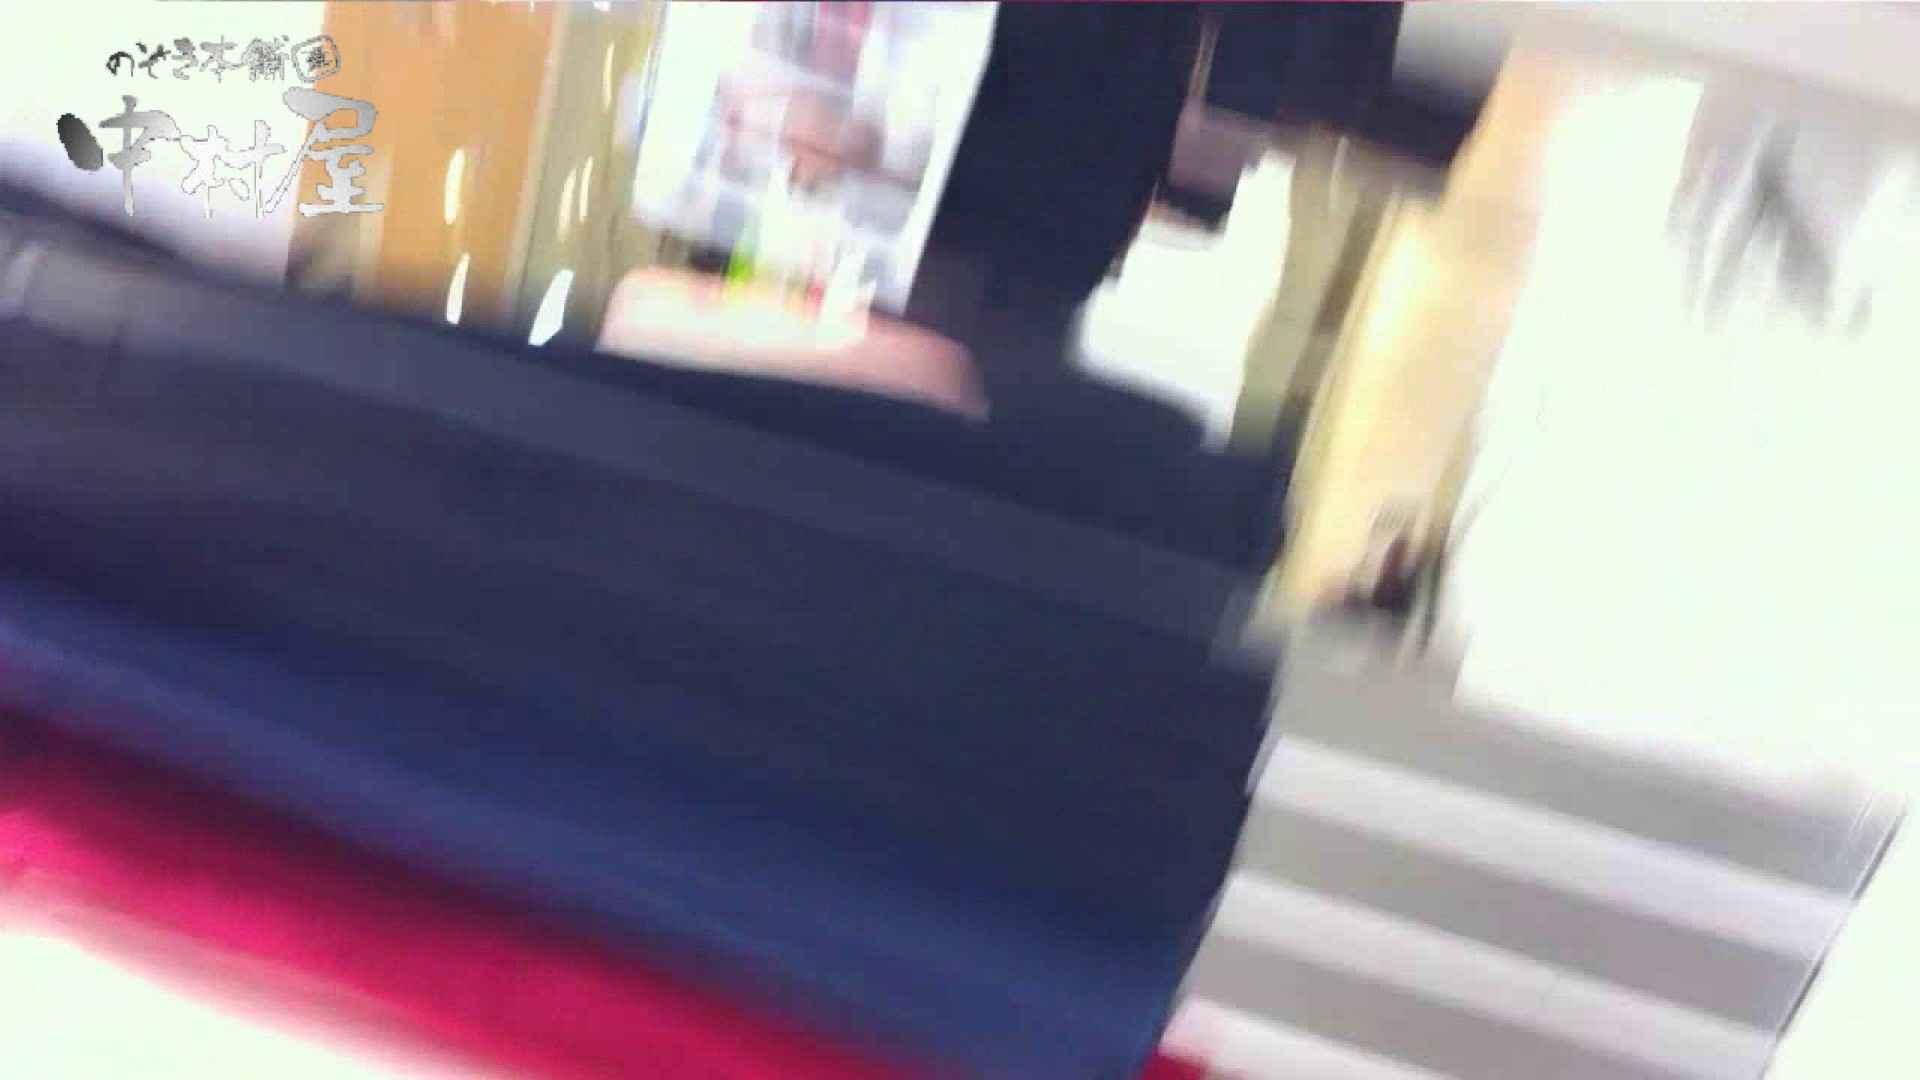 vol.48可愛いカリスマ店員胸チラ&パンチラ アニメ声の店員さん 接写  35pic 35